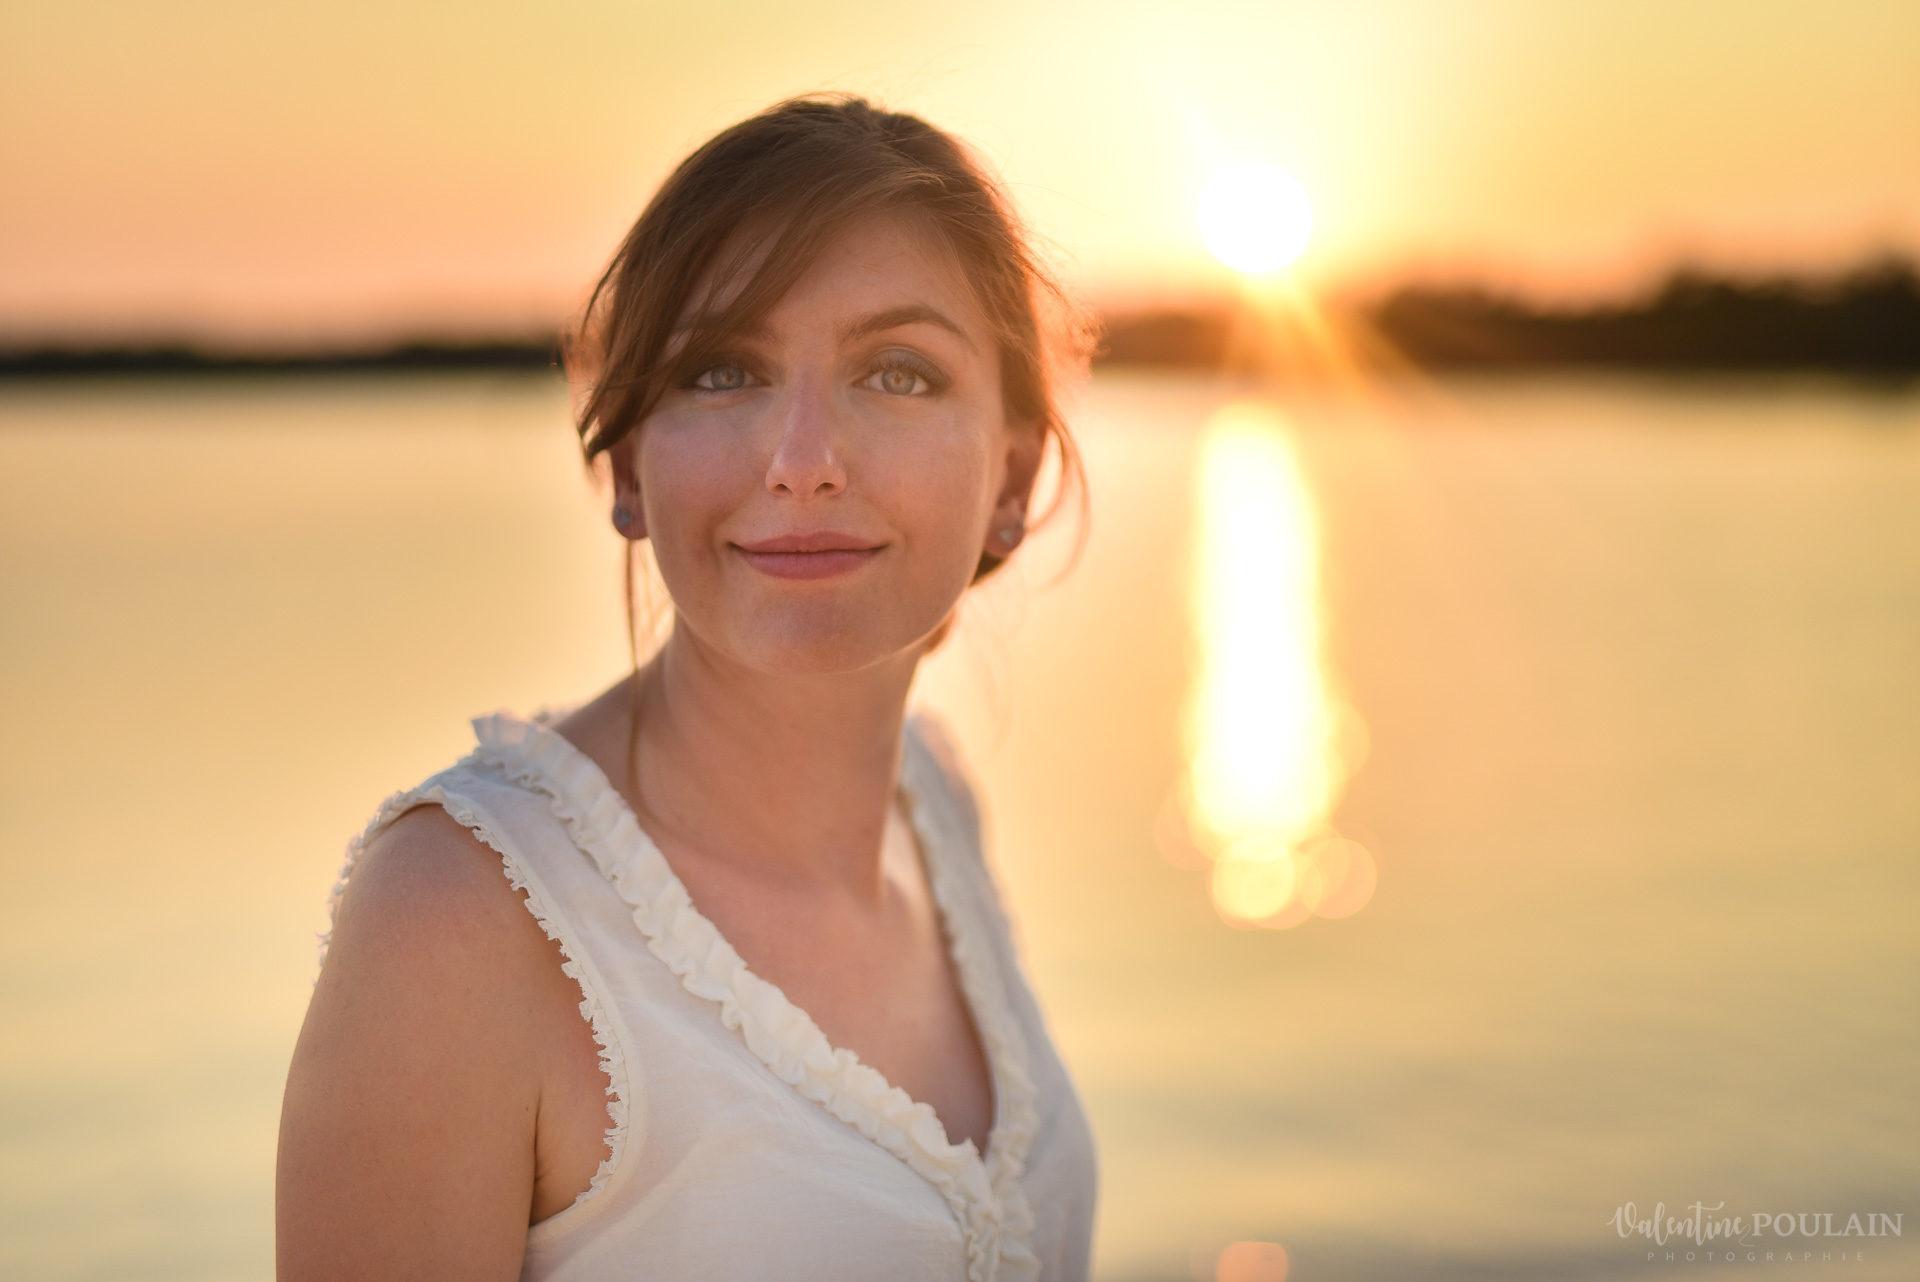 Couple Miam Keys Florida - Valentine Poulain sourire